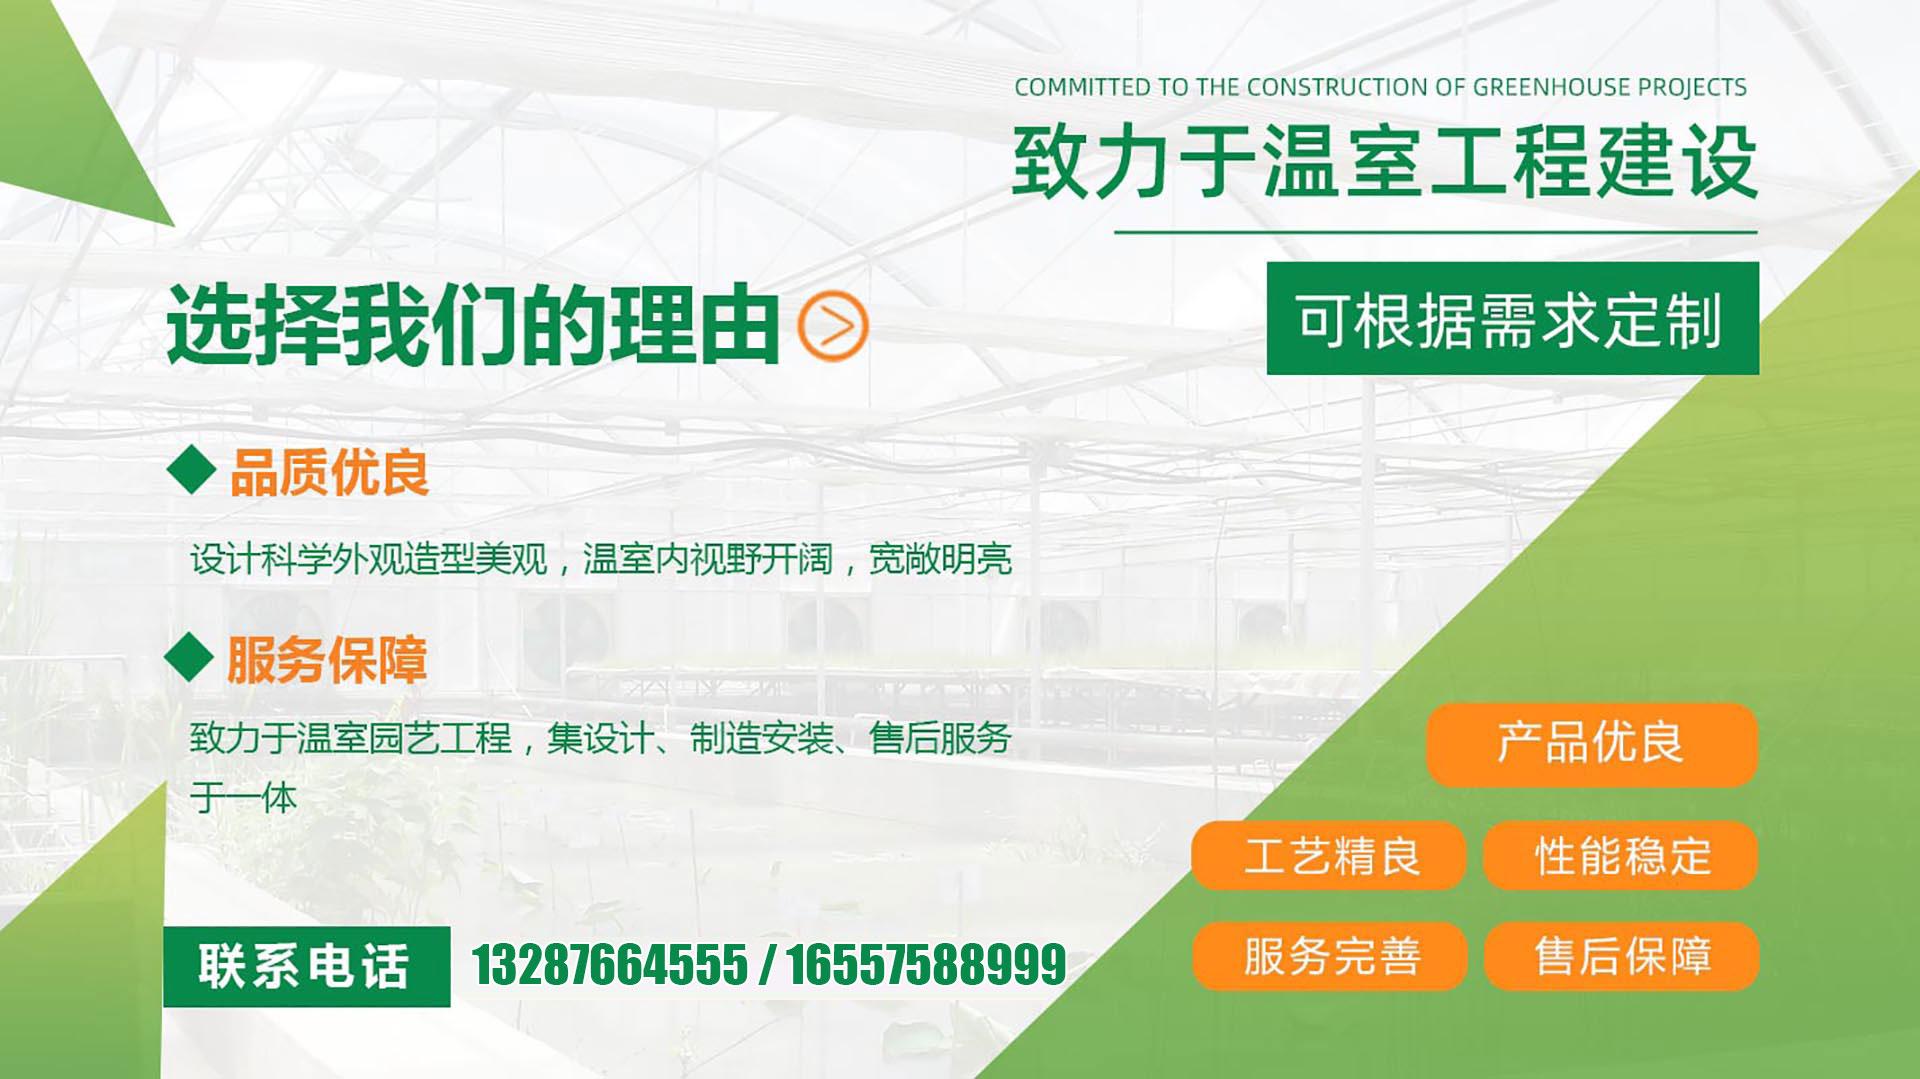 青州晖耀温室工程有限公司优势